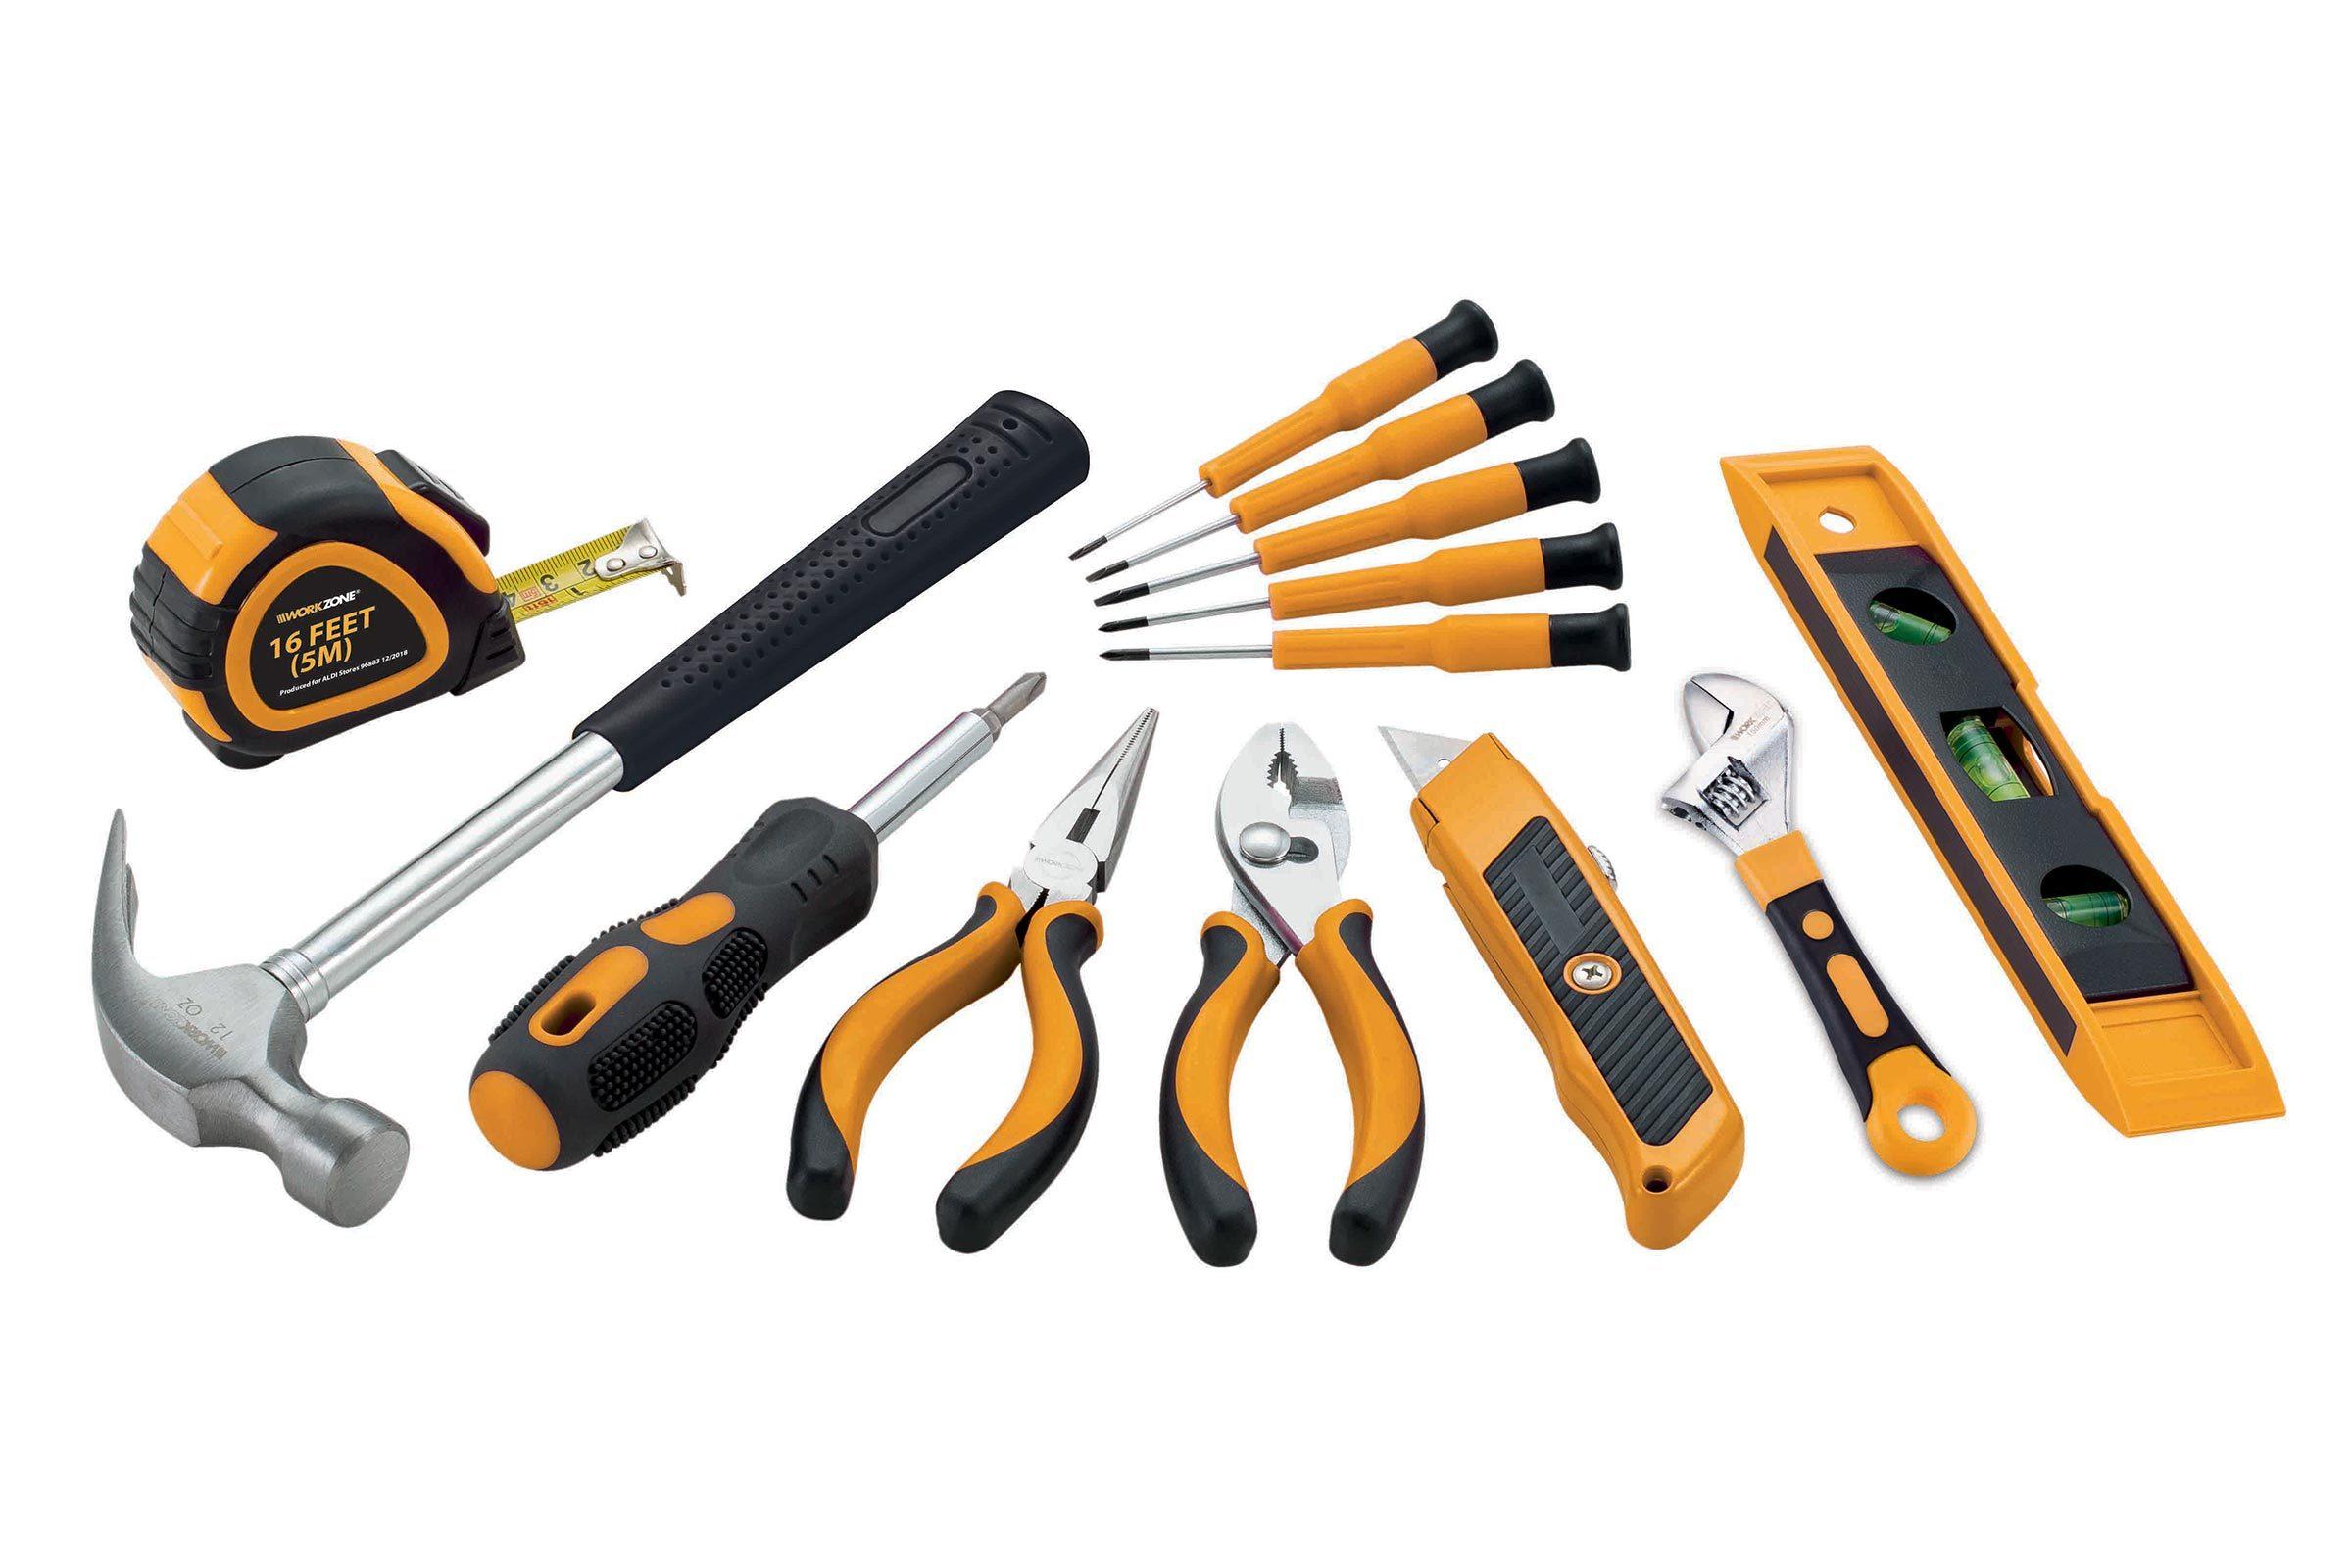 Workzone 18 piece tool set